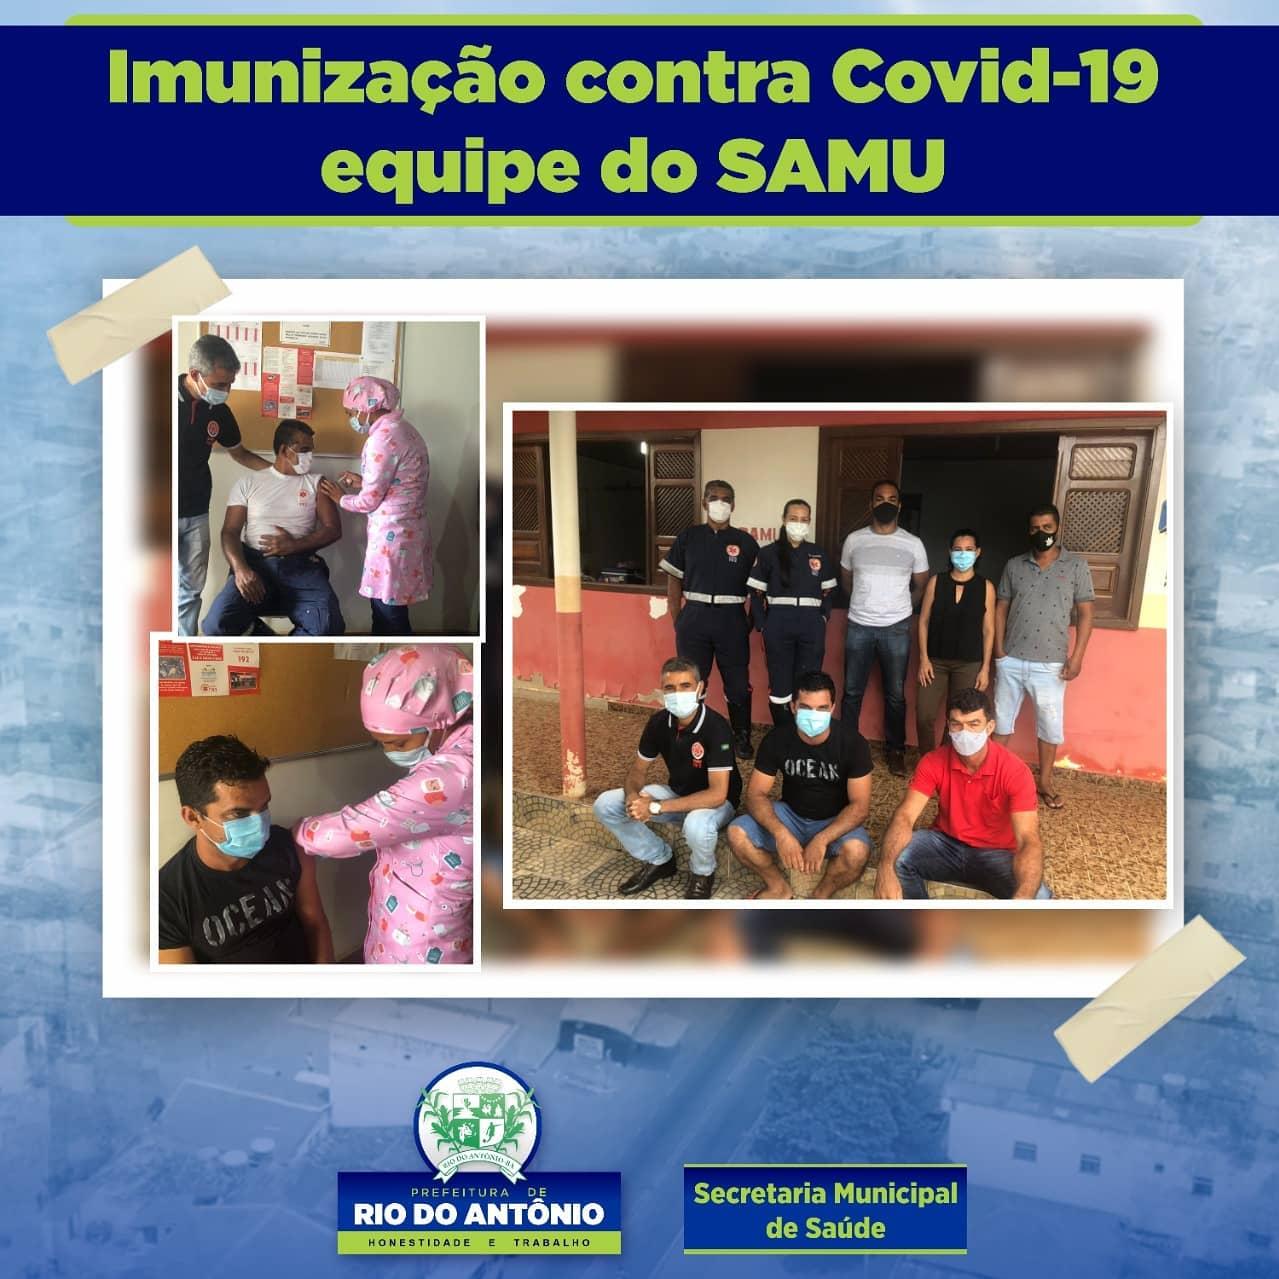 Rio do Antônio: Equipe do Samu 192 é imunizada contra Covid-19